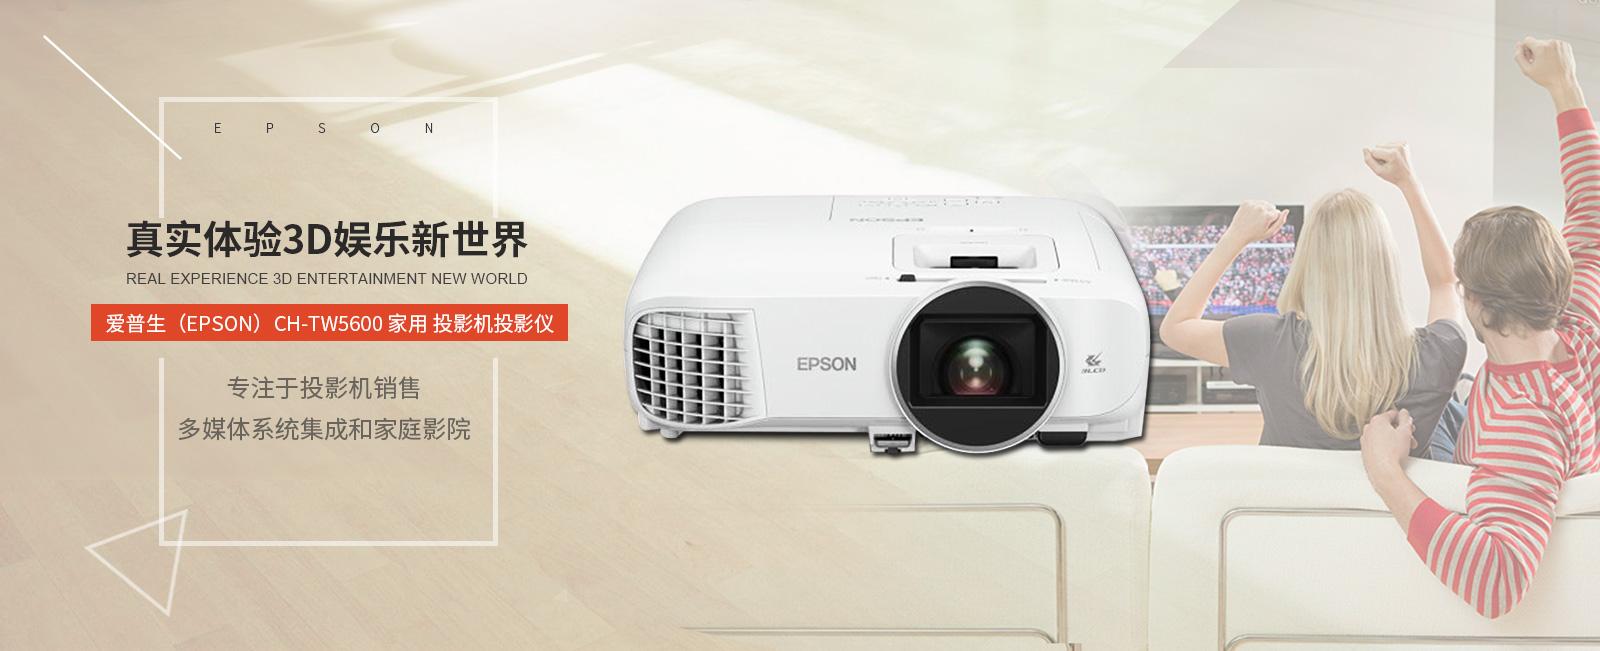 上海激光投影机